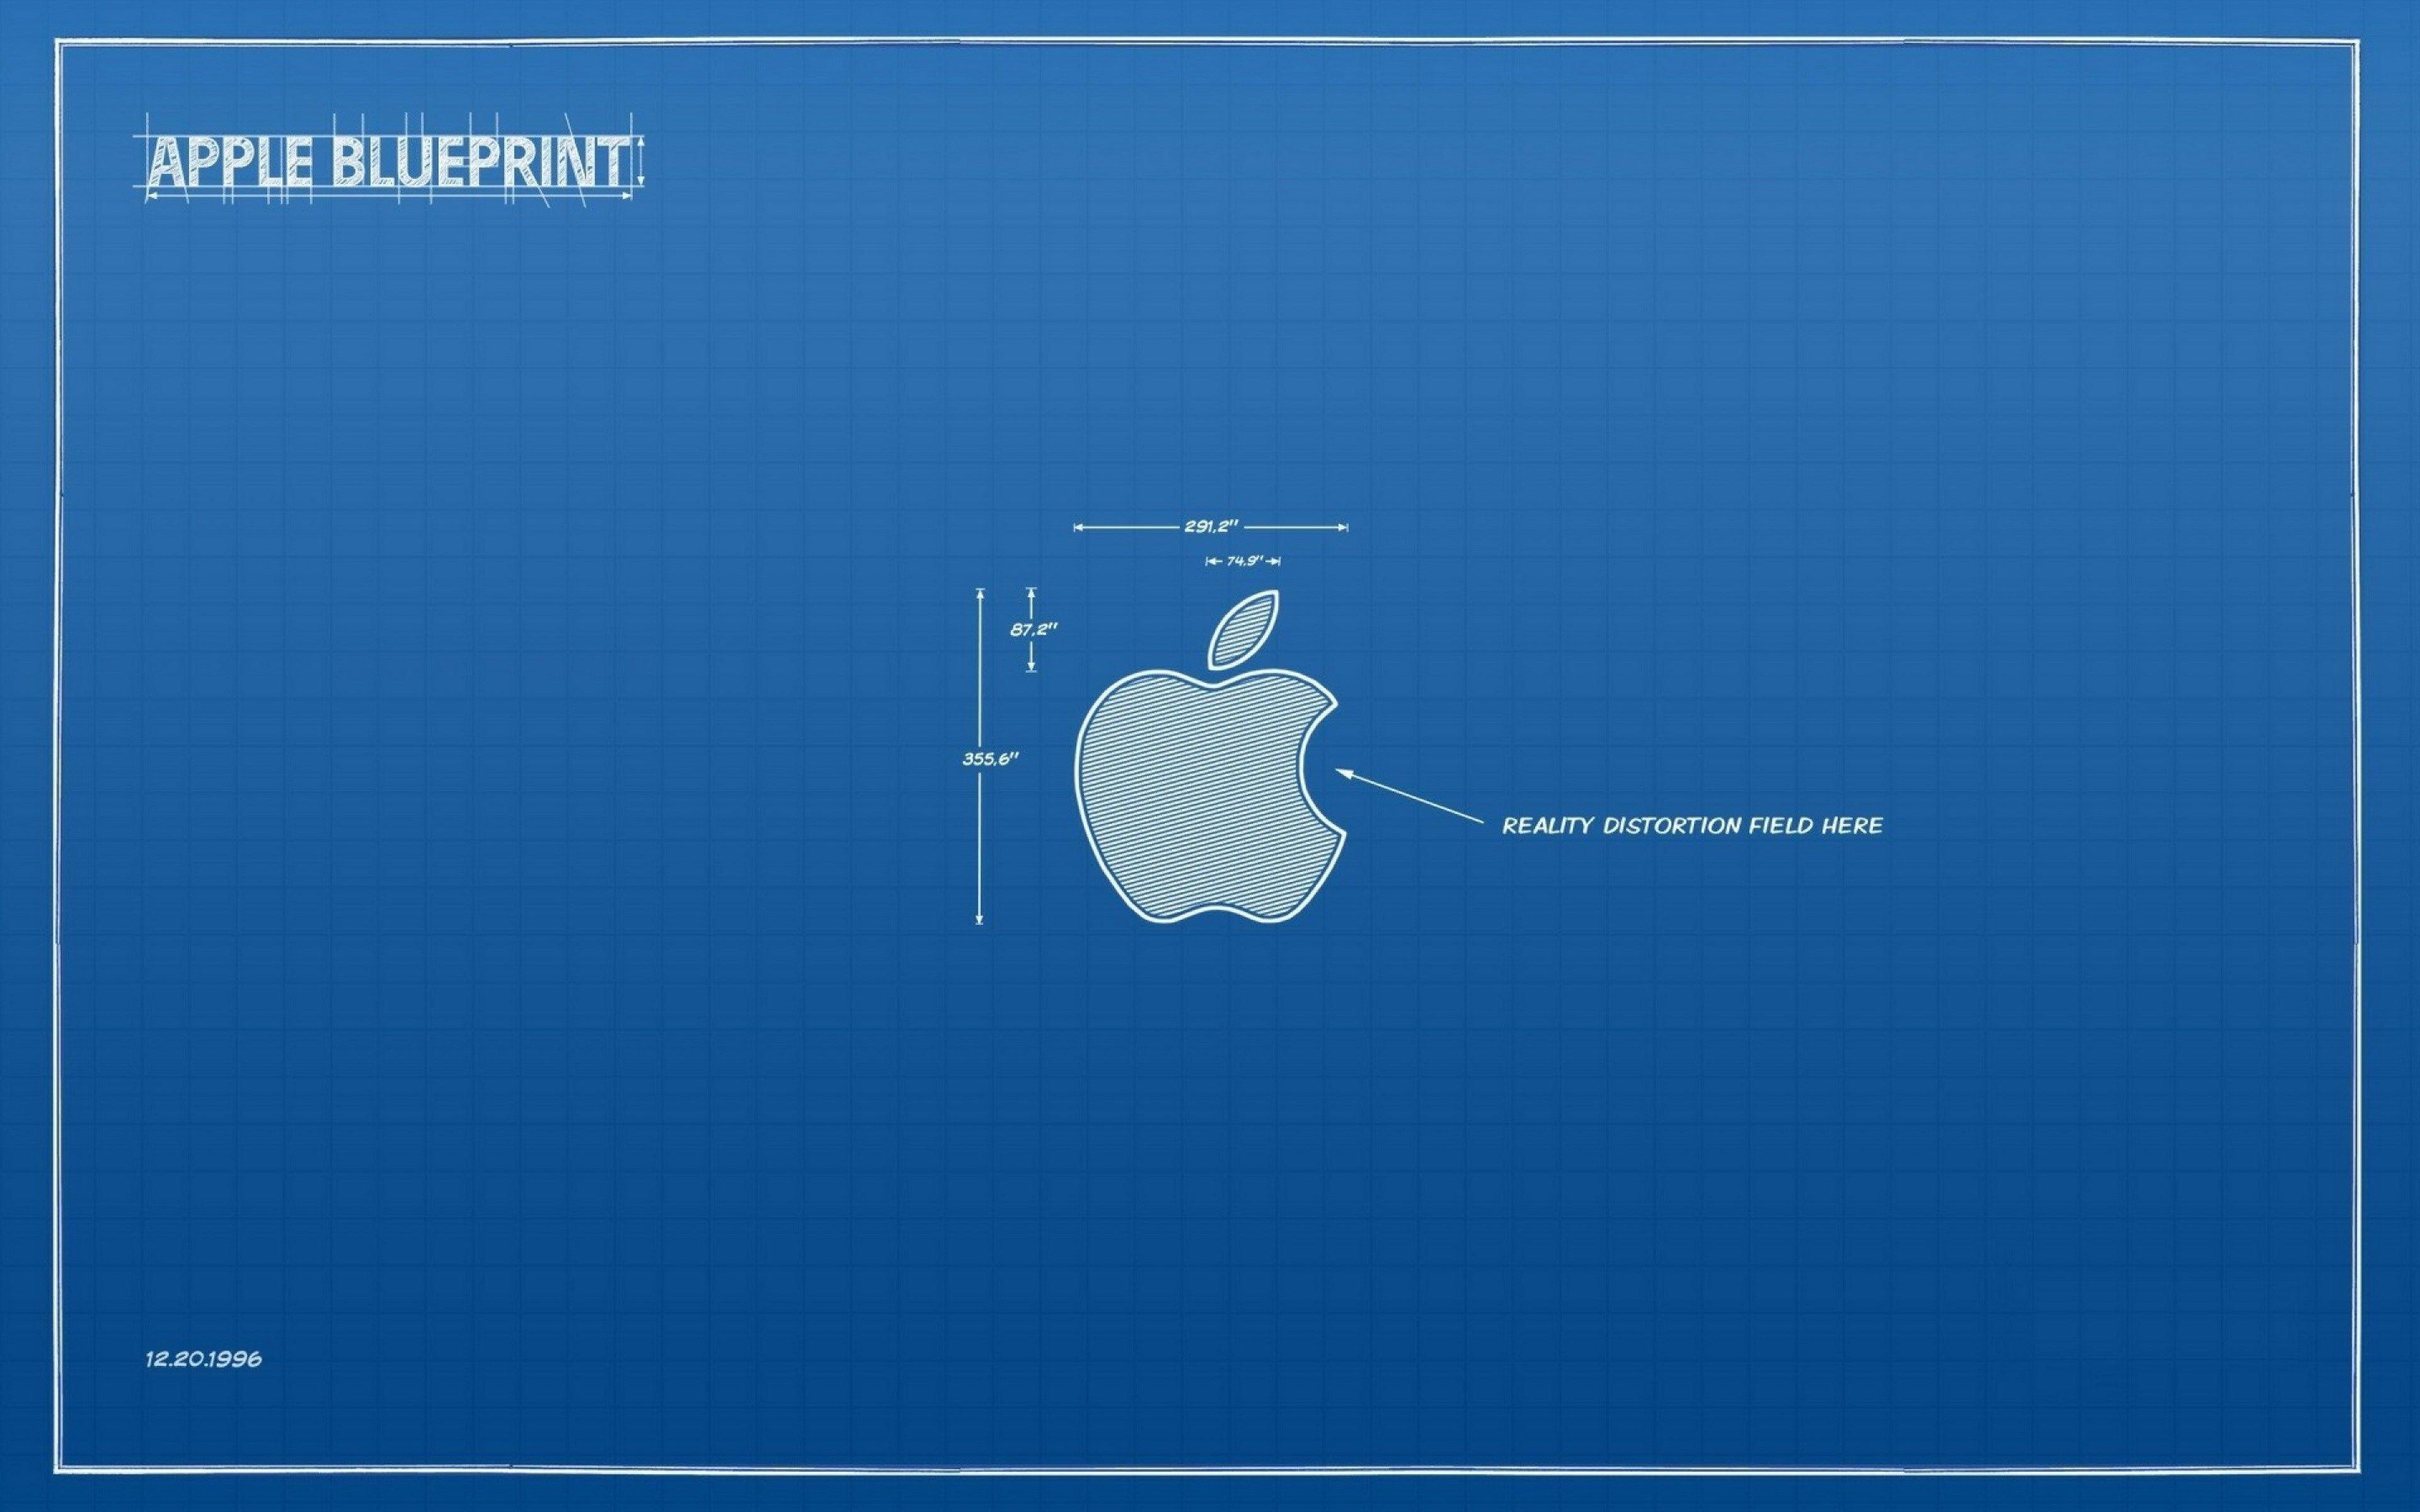 4k wallpaper apple (3840x2400) | wallpaperscreator | Pinterest